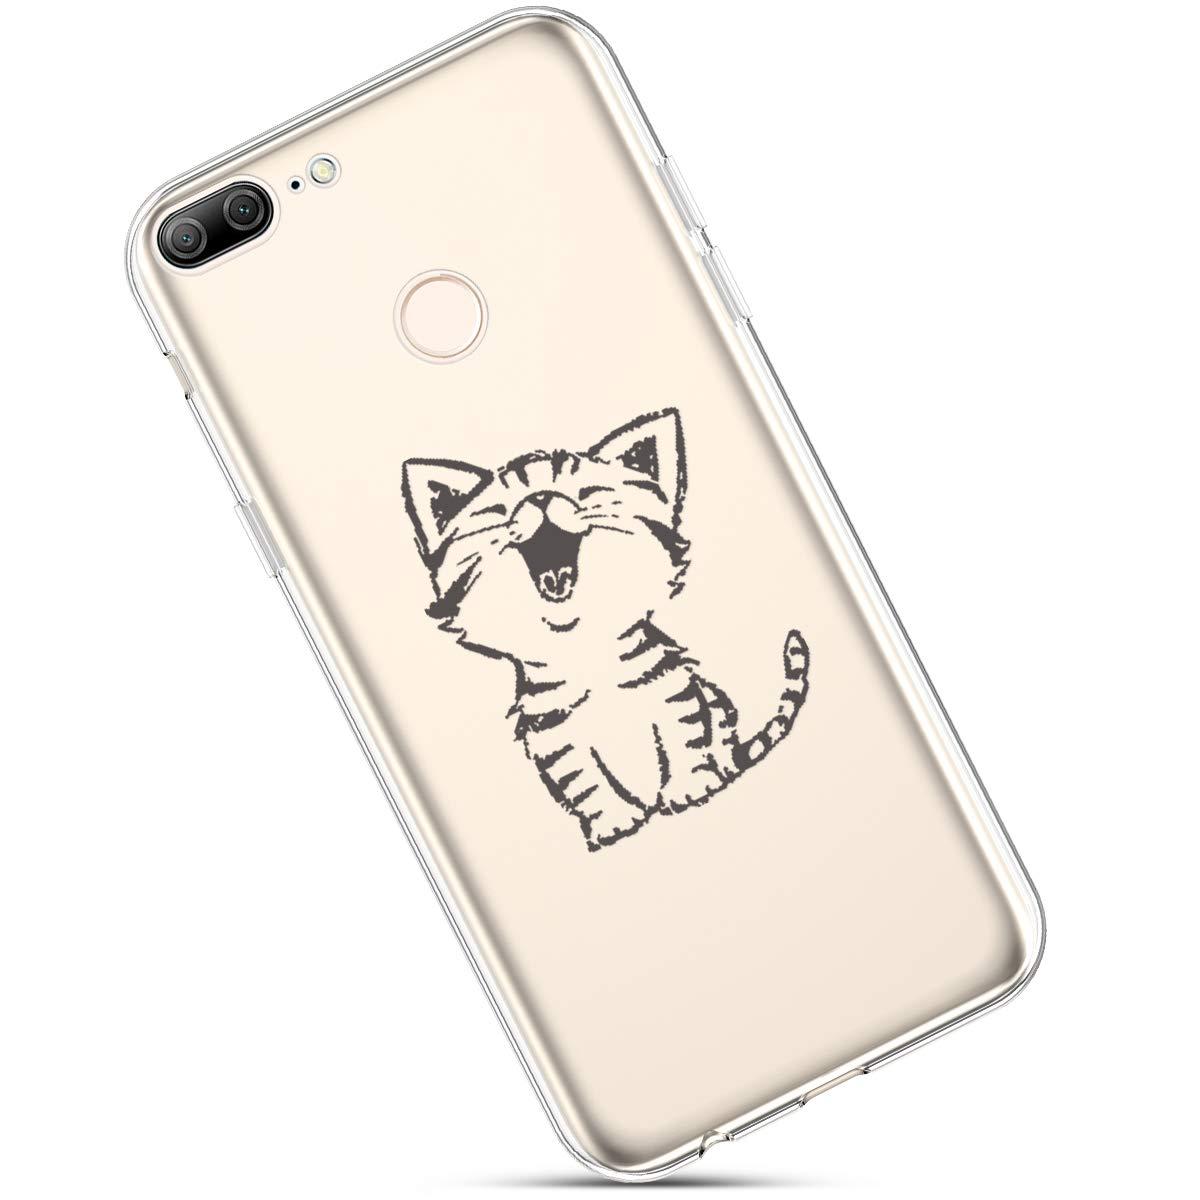 Felfy Etui Compatible avec Huawei Honor 9 Lite,Coque Huawei Honor 9 Lite Transparente Silicone Housse de Protection Ultra Mince en Caoutchouc Souple Coquille Anti Choc T/él/éphone Bumper Case,Fille